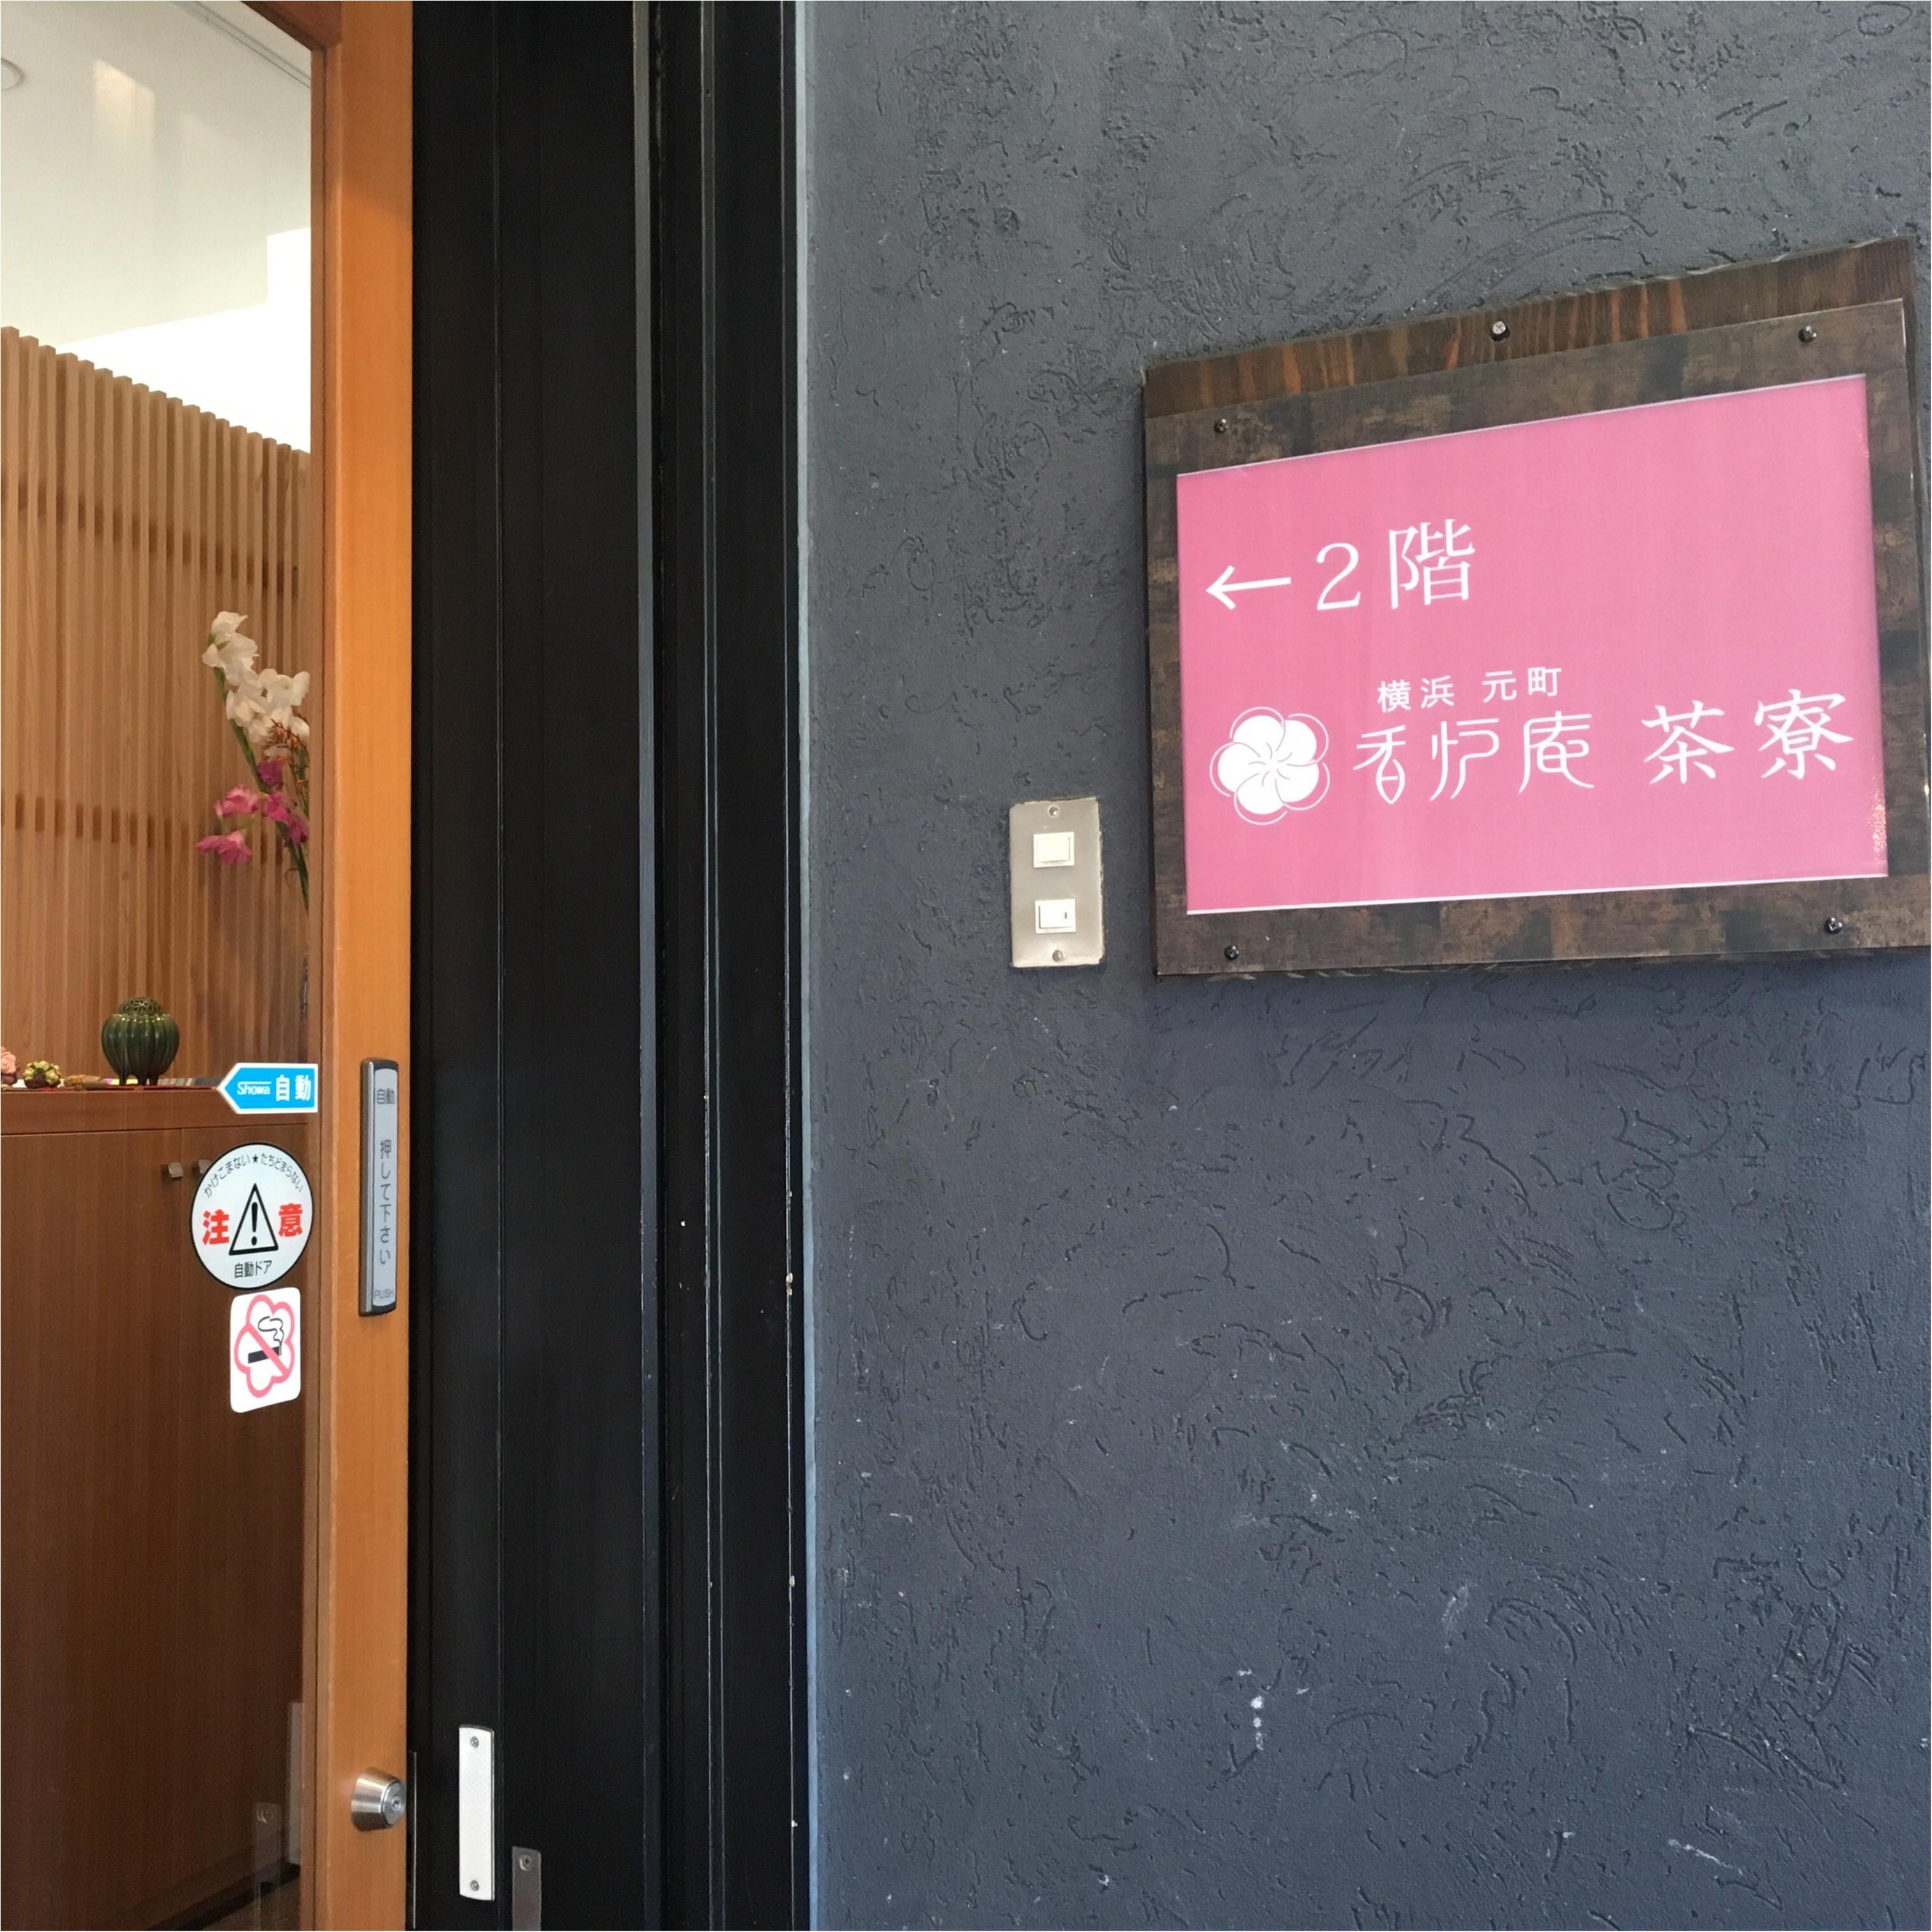 【期間限定】神奈川県産湘南ゴールドを使ったサッパリかき氷が絶品過ぎる!!和菓子屋さんのかき氷_3